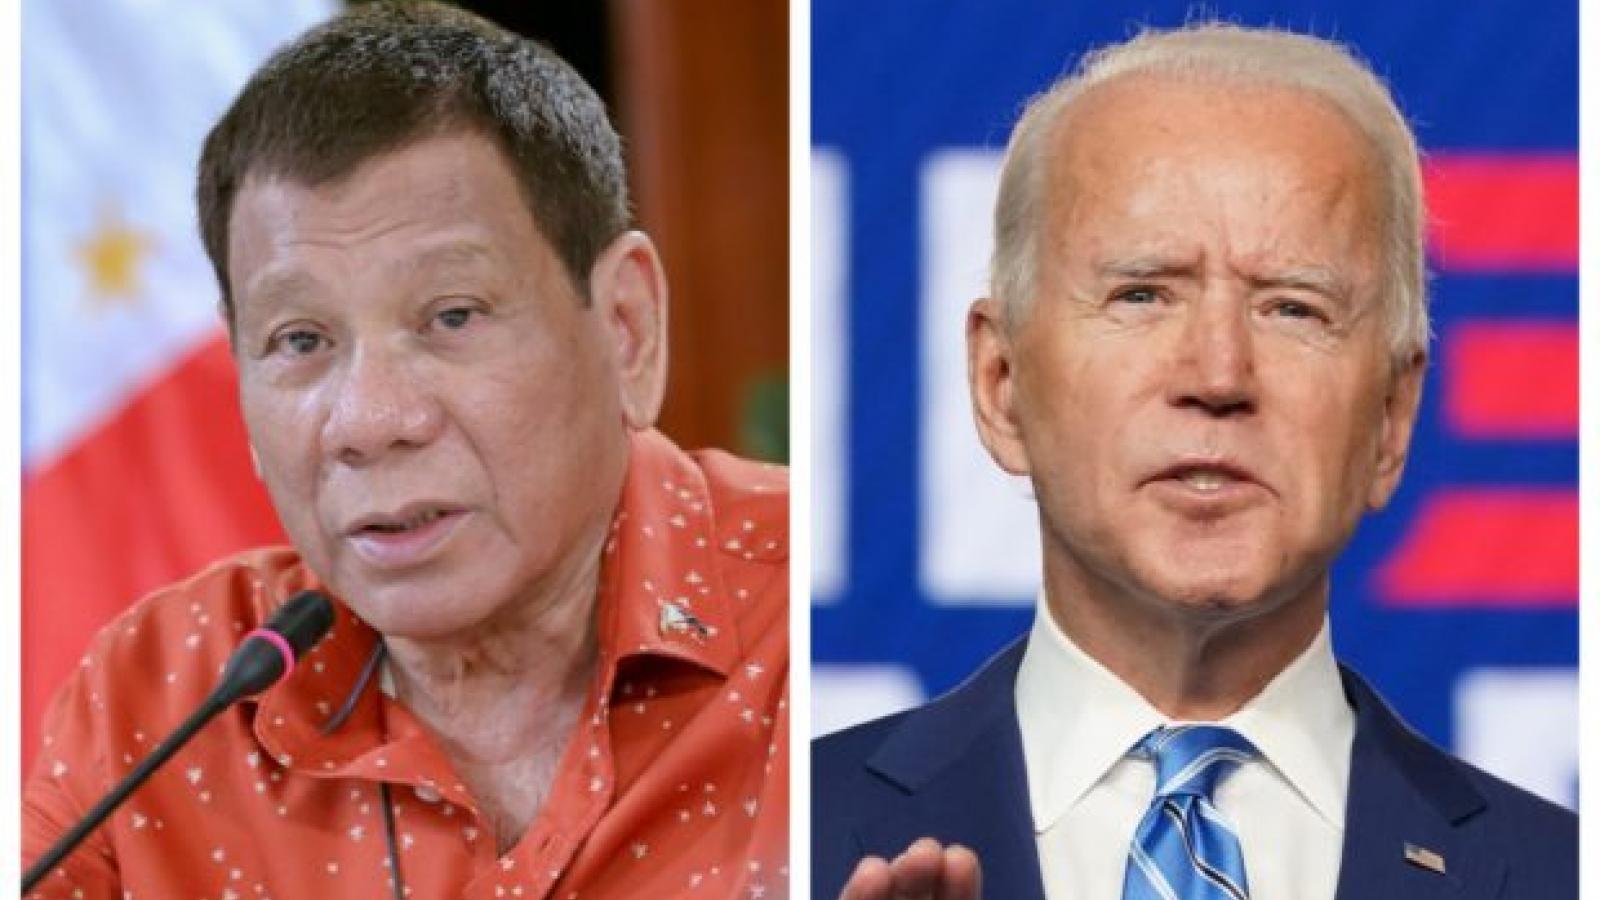 Chính phủ Philippines tuyên bố thúc đẩy quan hệ với chính quyền của Joe Biden